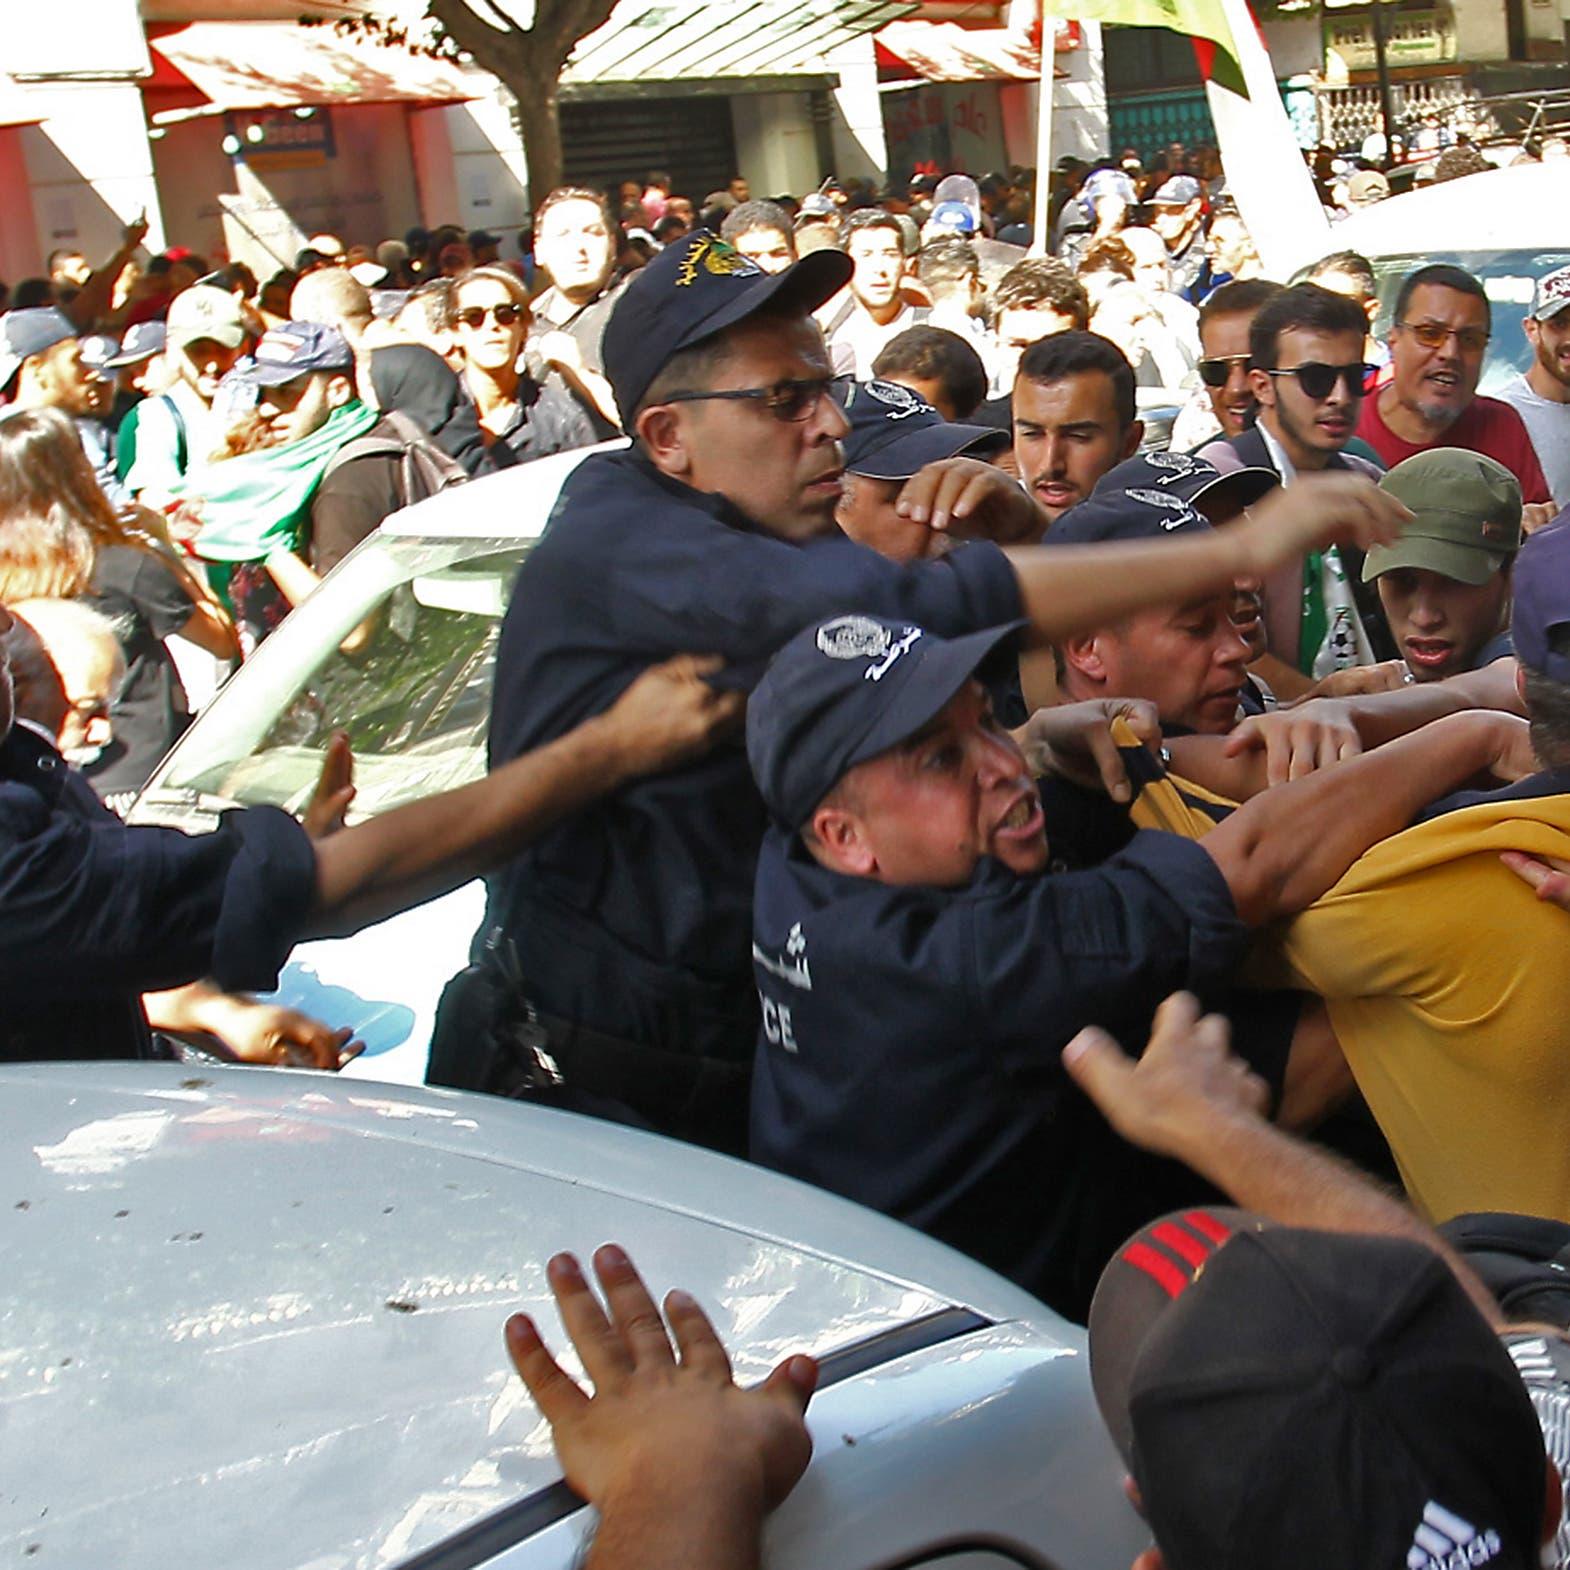 لأول مرة منذ 8 أشهر.. الشرطة الجزائرية تمنع مسيرة الطلبة